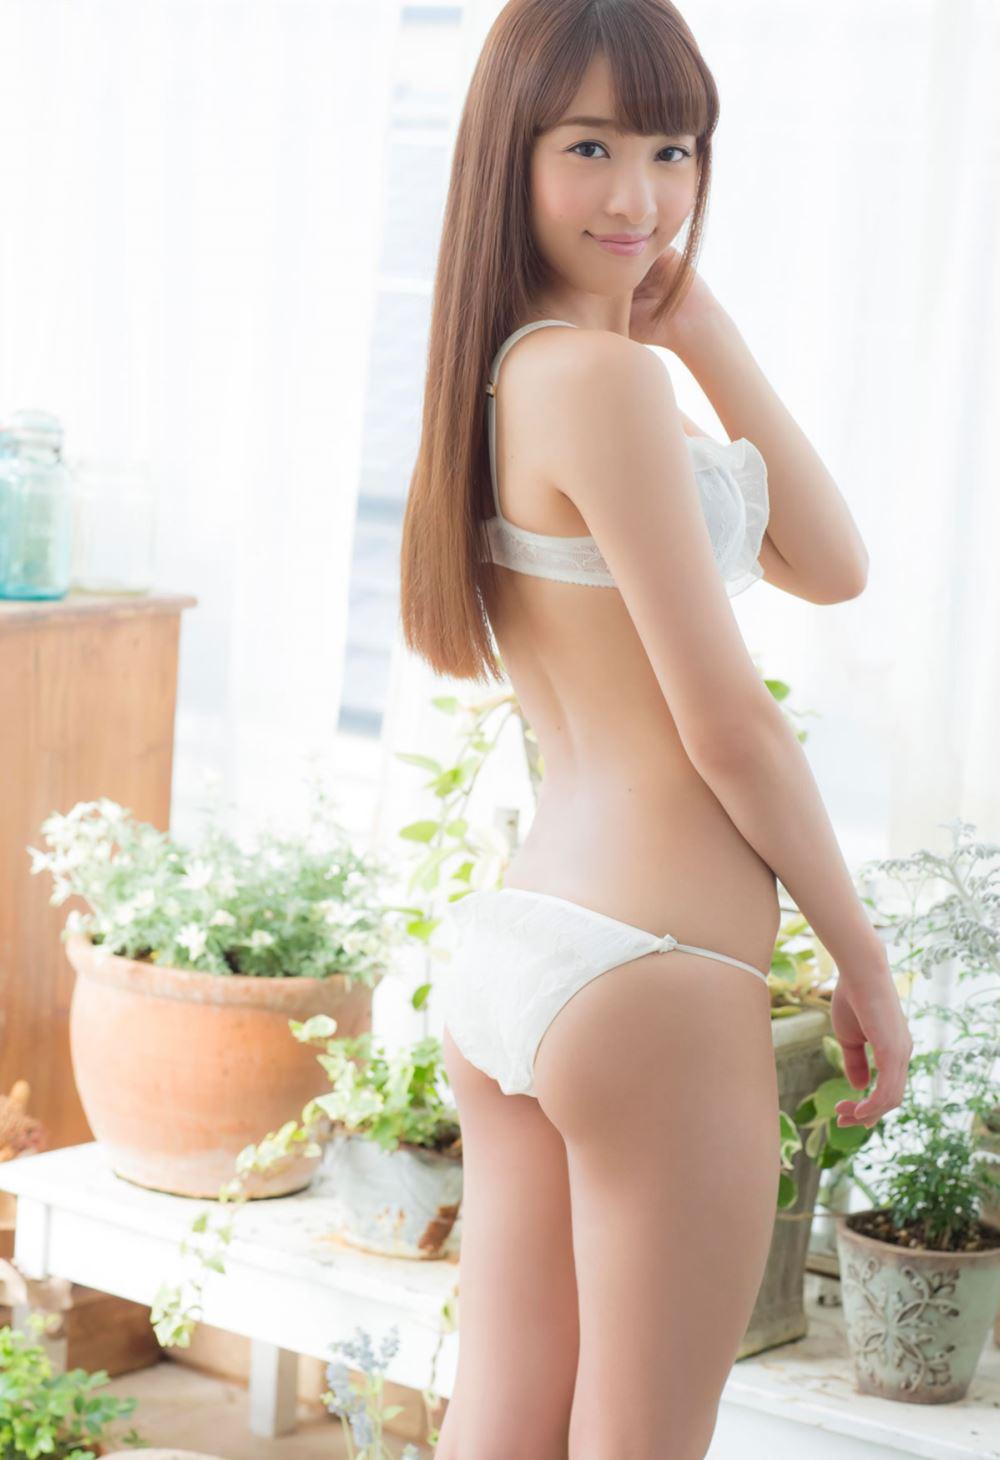 池田ショコラの下着姿がエロカワな過激グラビア画像 8